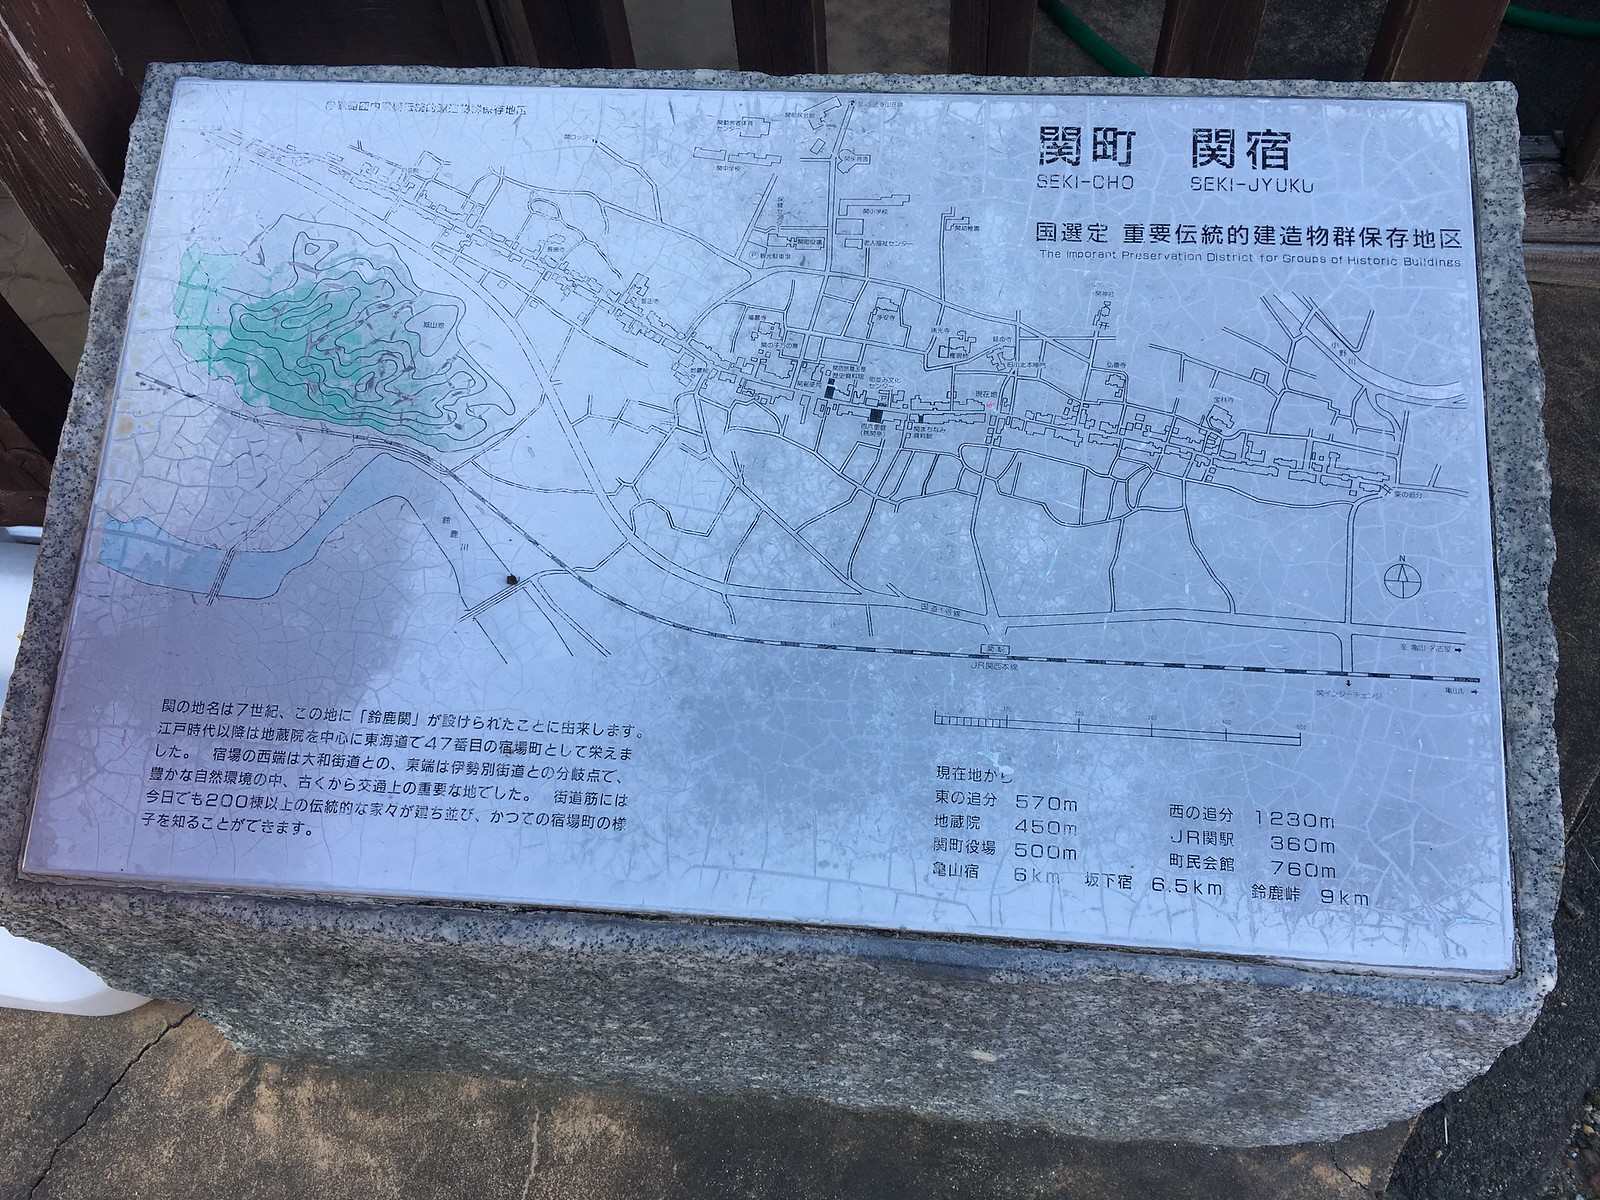 次 東海道 距離 53